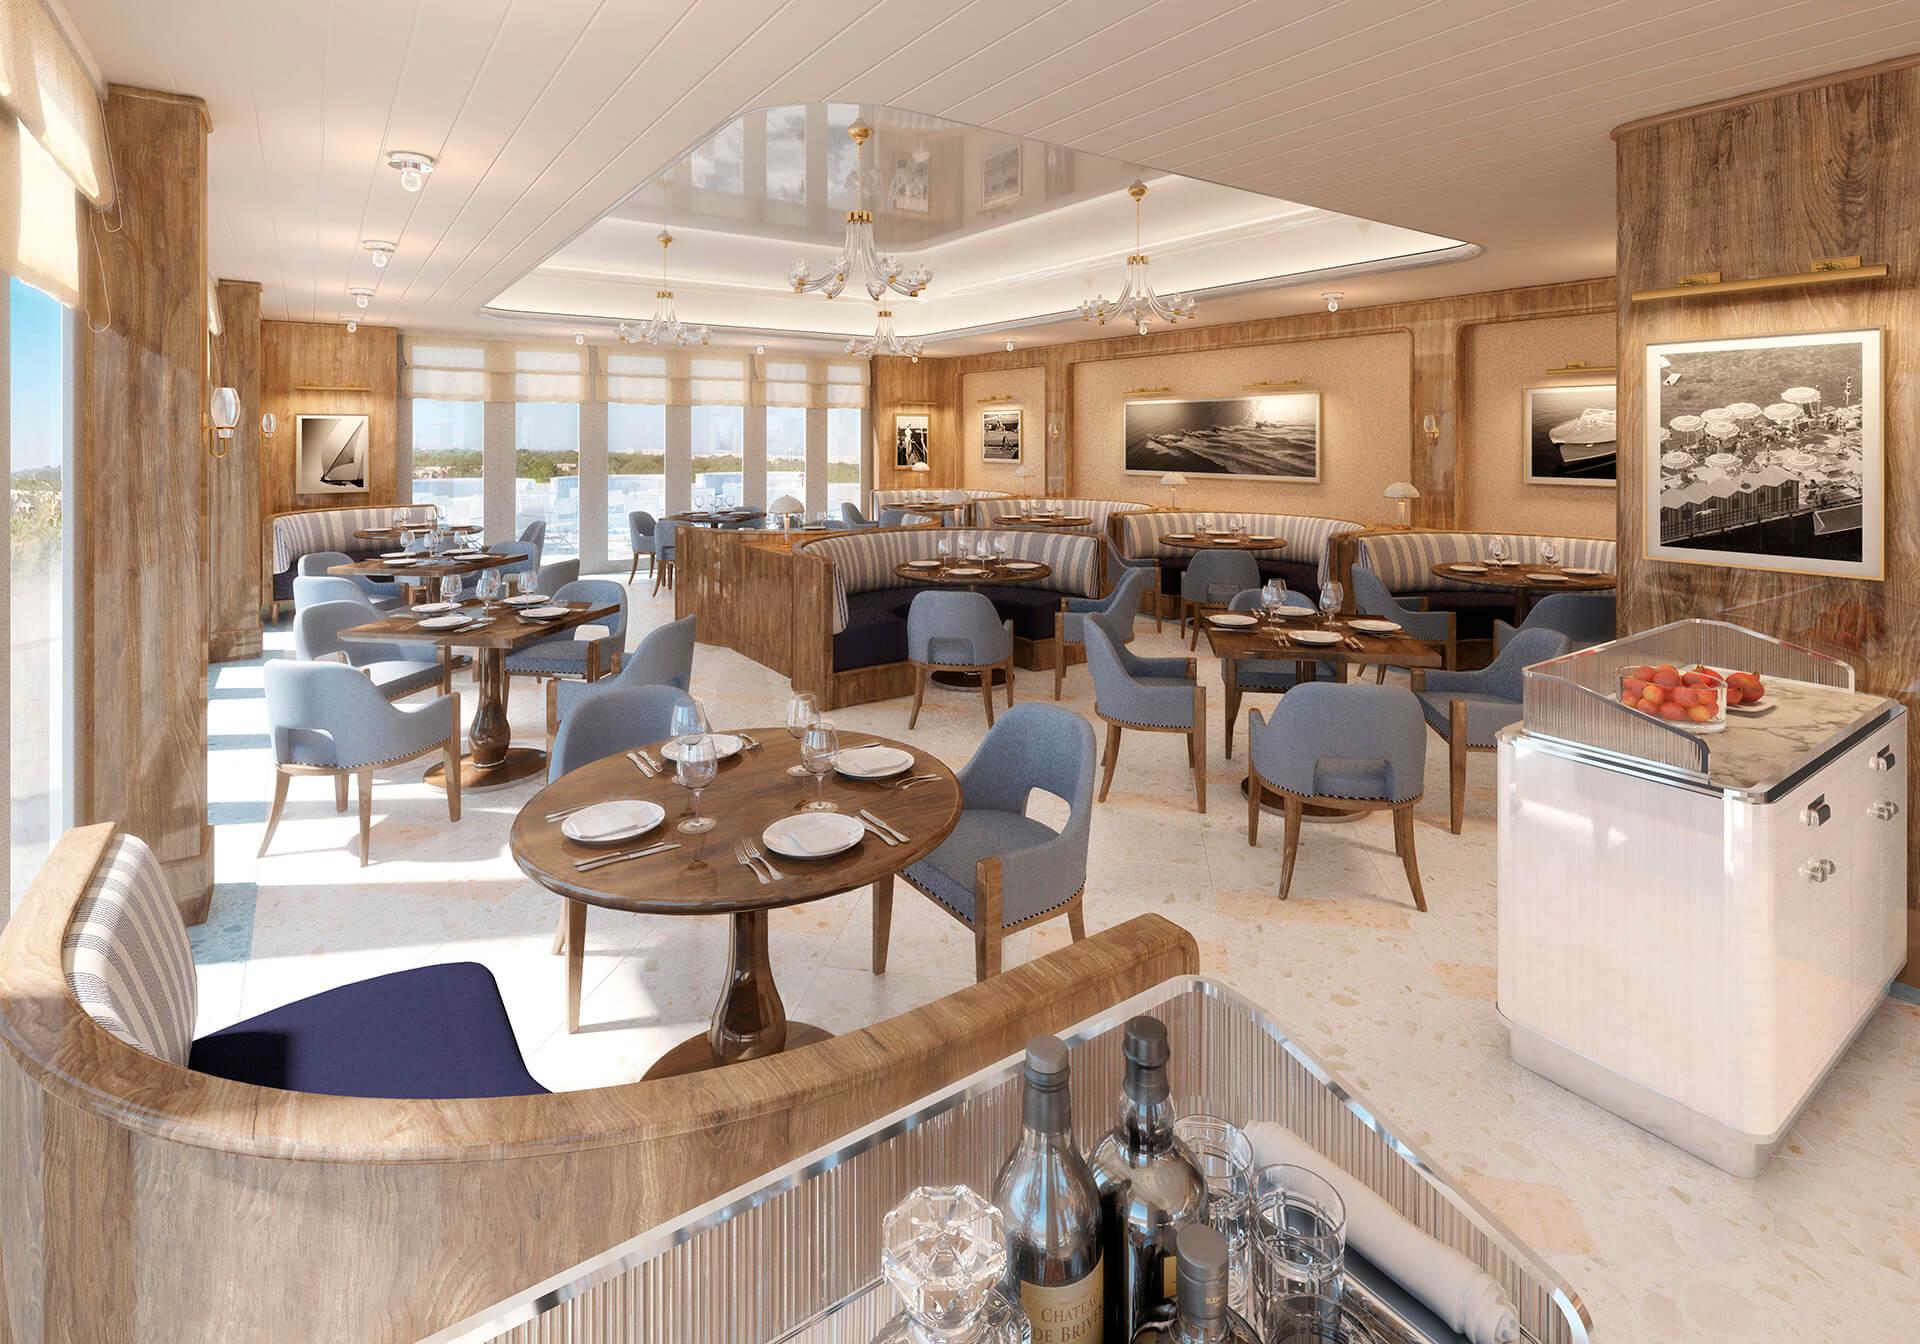 Mr. C Coconut Grove Hotel (Miami) Cipriani Restaurant